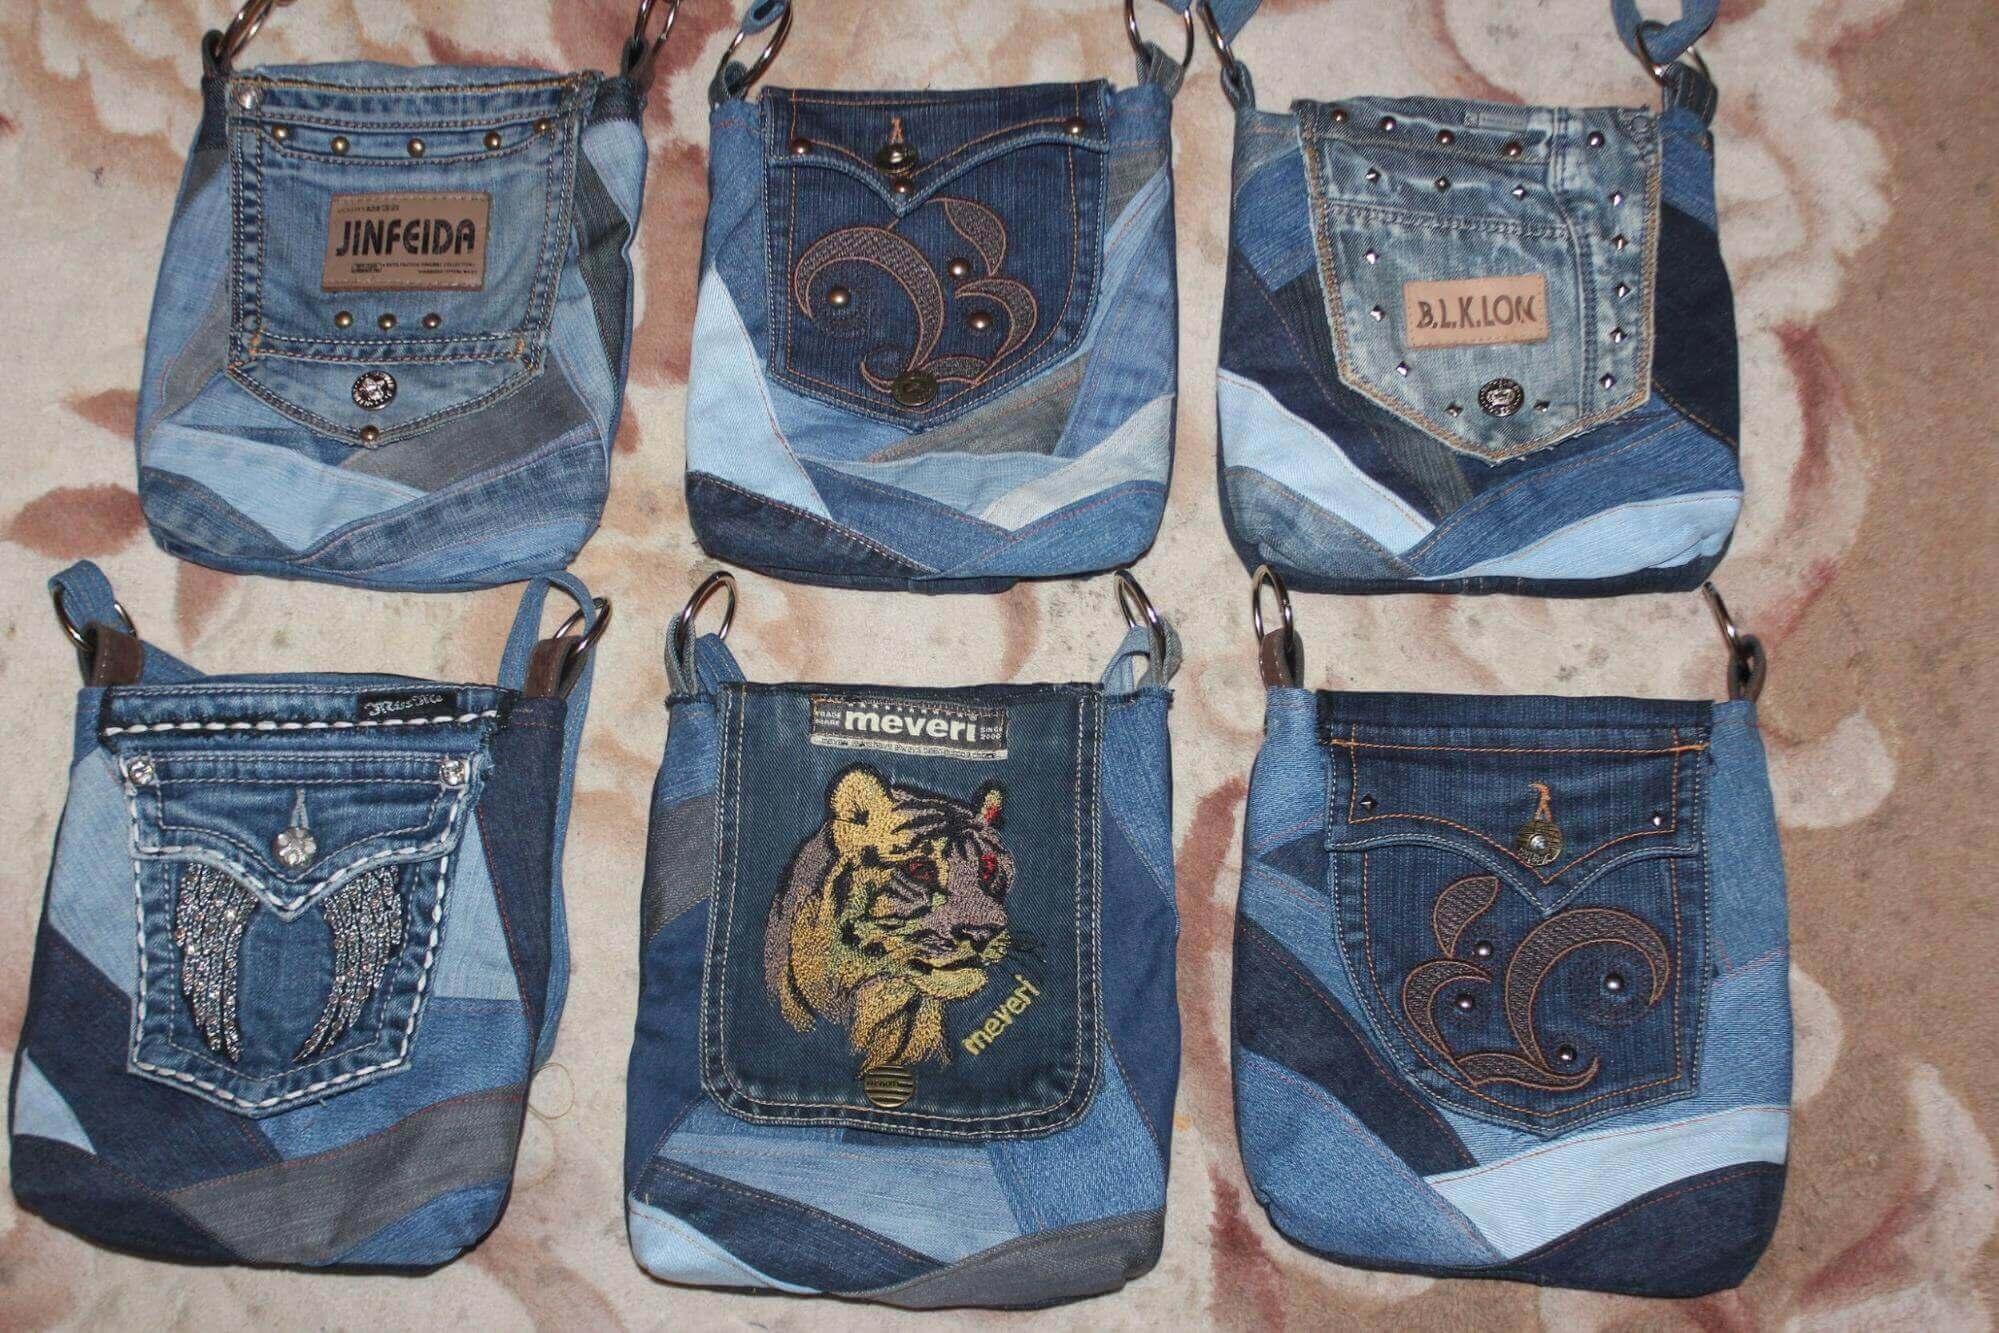 97b0a0fc2ba Сшить сумку из старых джинсов - выкройки и мастер-классы для вас!